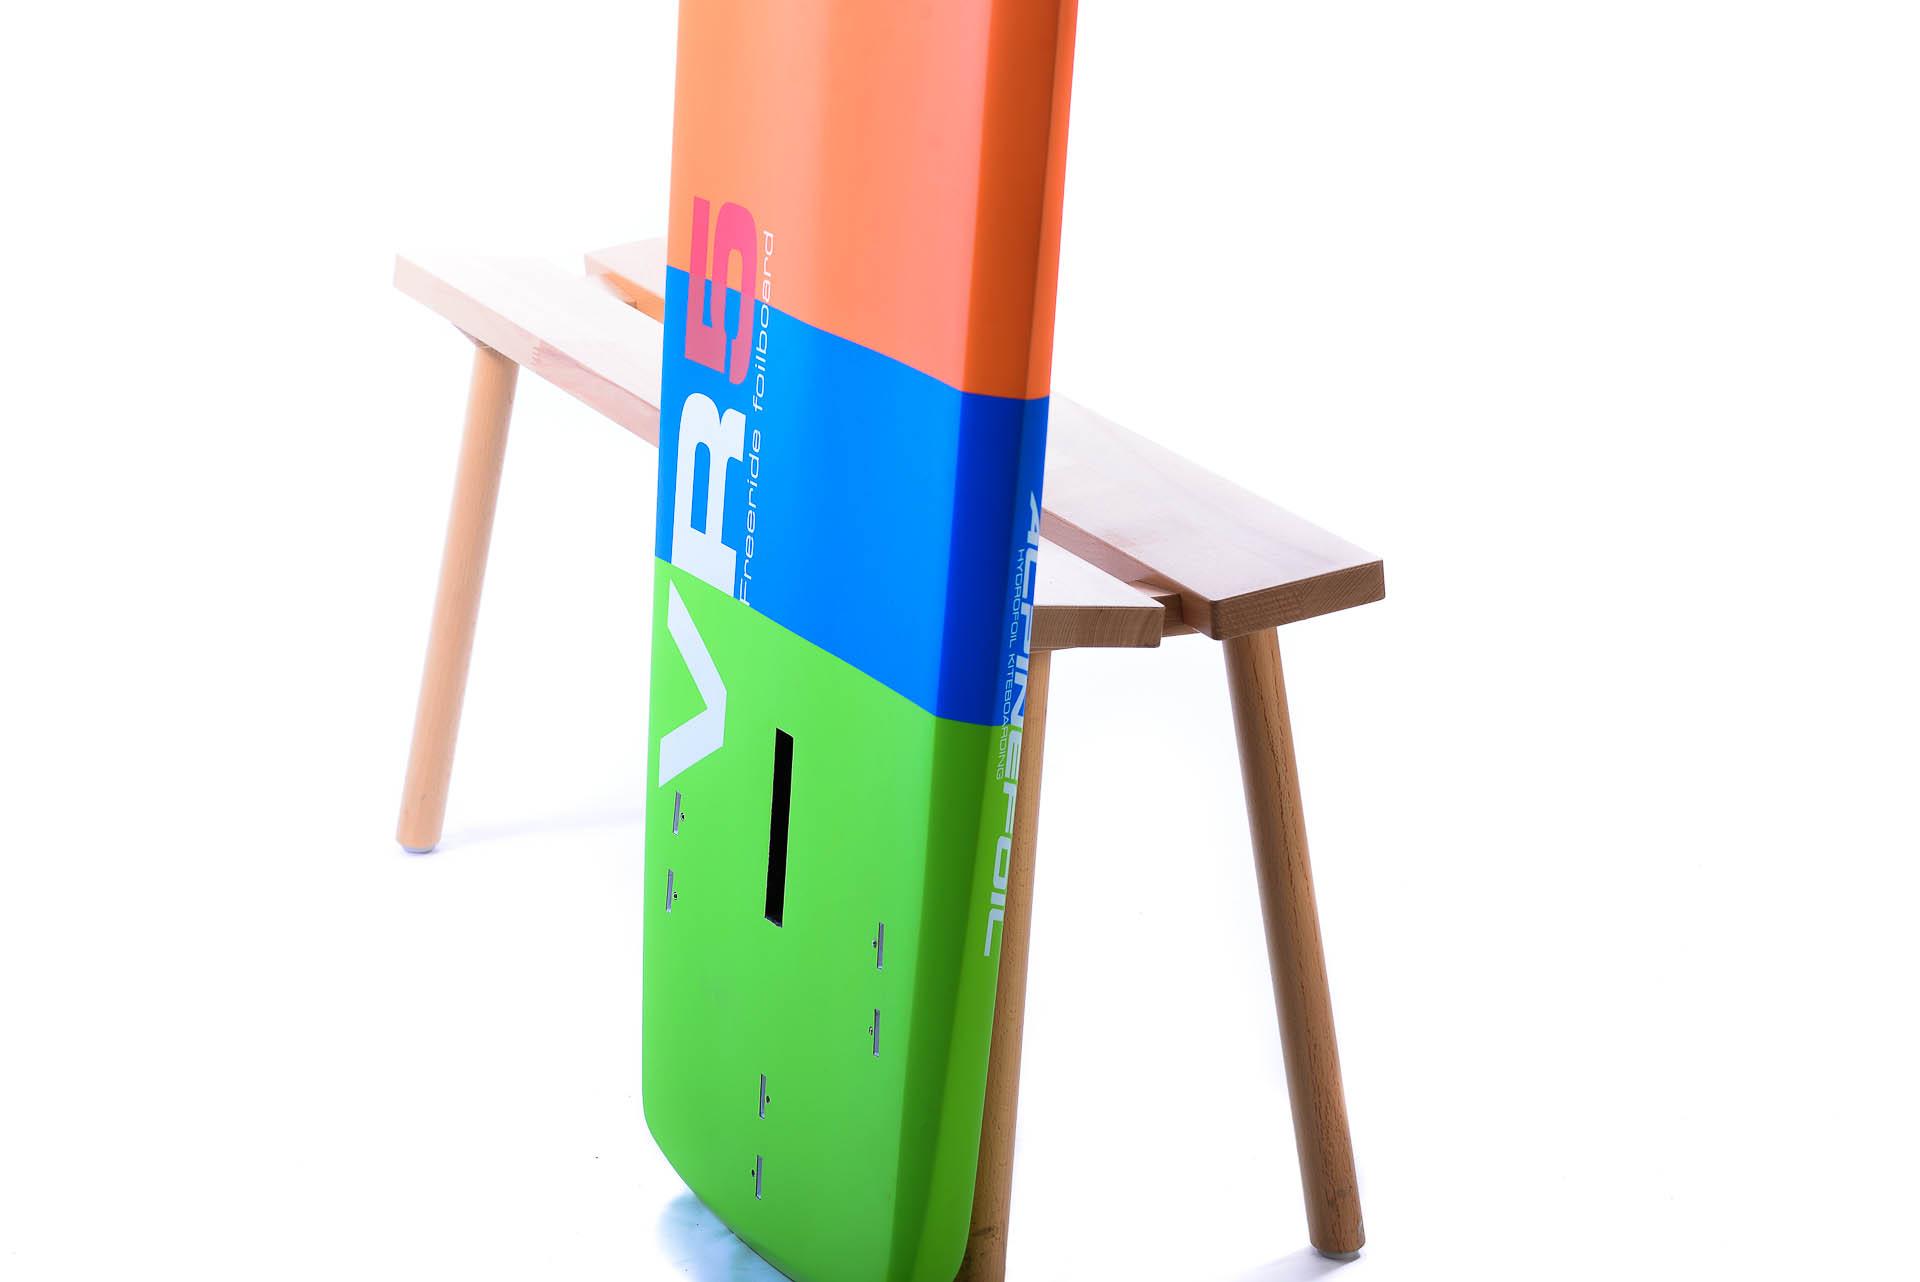 Kitefoil board alpinefoil 9391